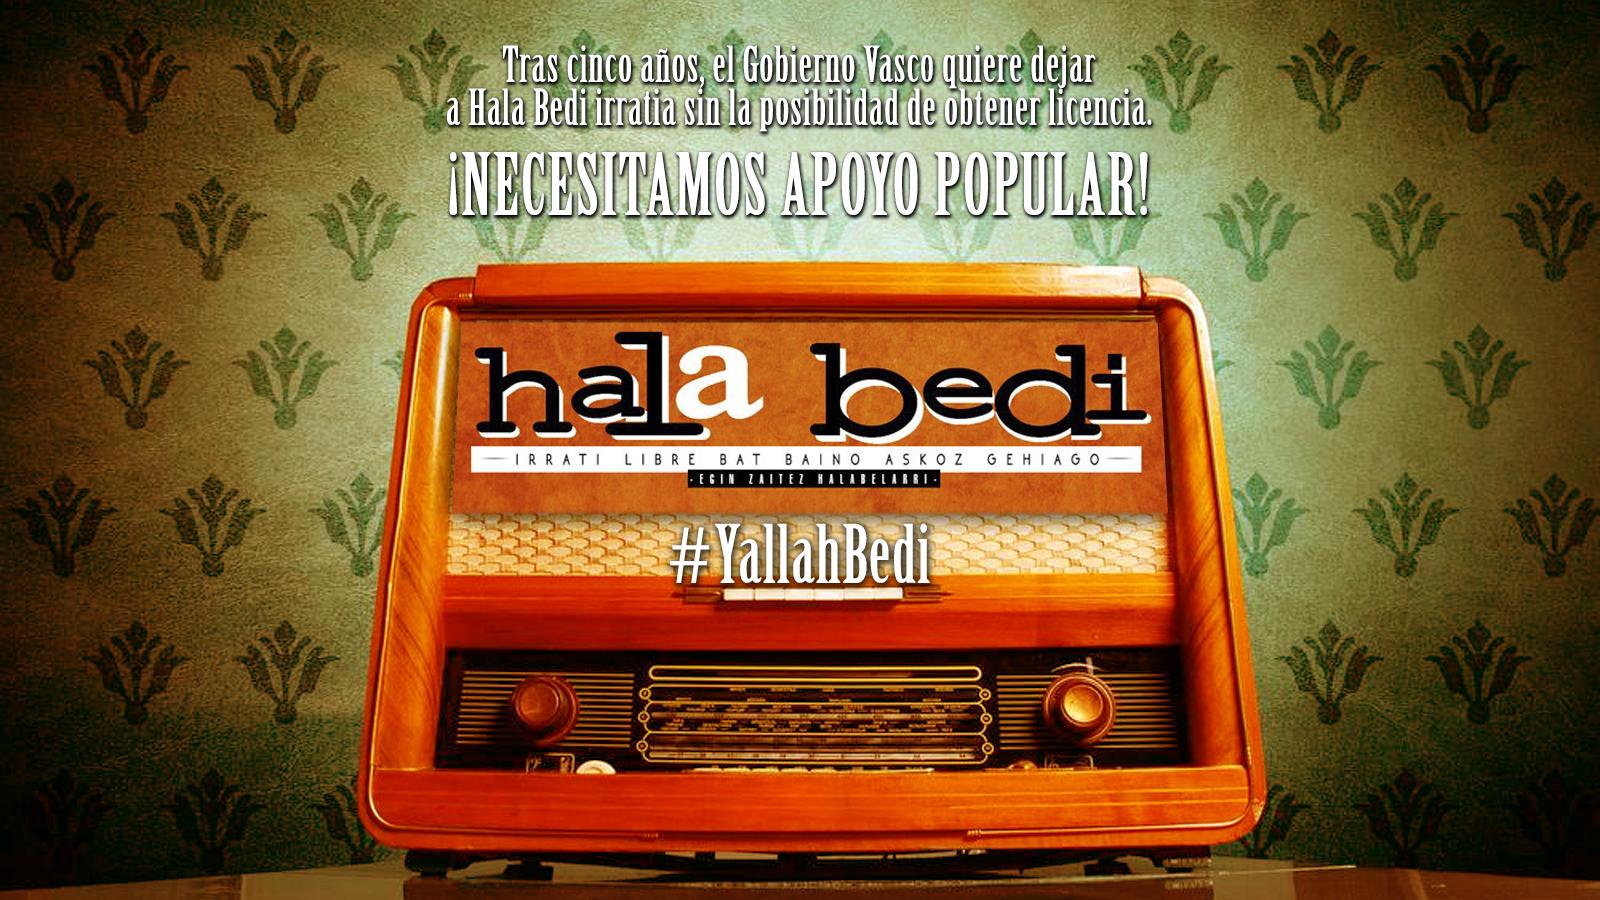 Tras  5  años,  el  Gobierno  Vasco  quiere  dejar  sin  licencia  a  Hala  Bedi  Irratia